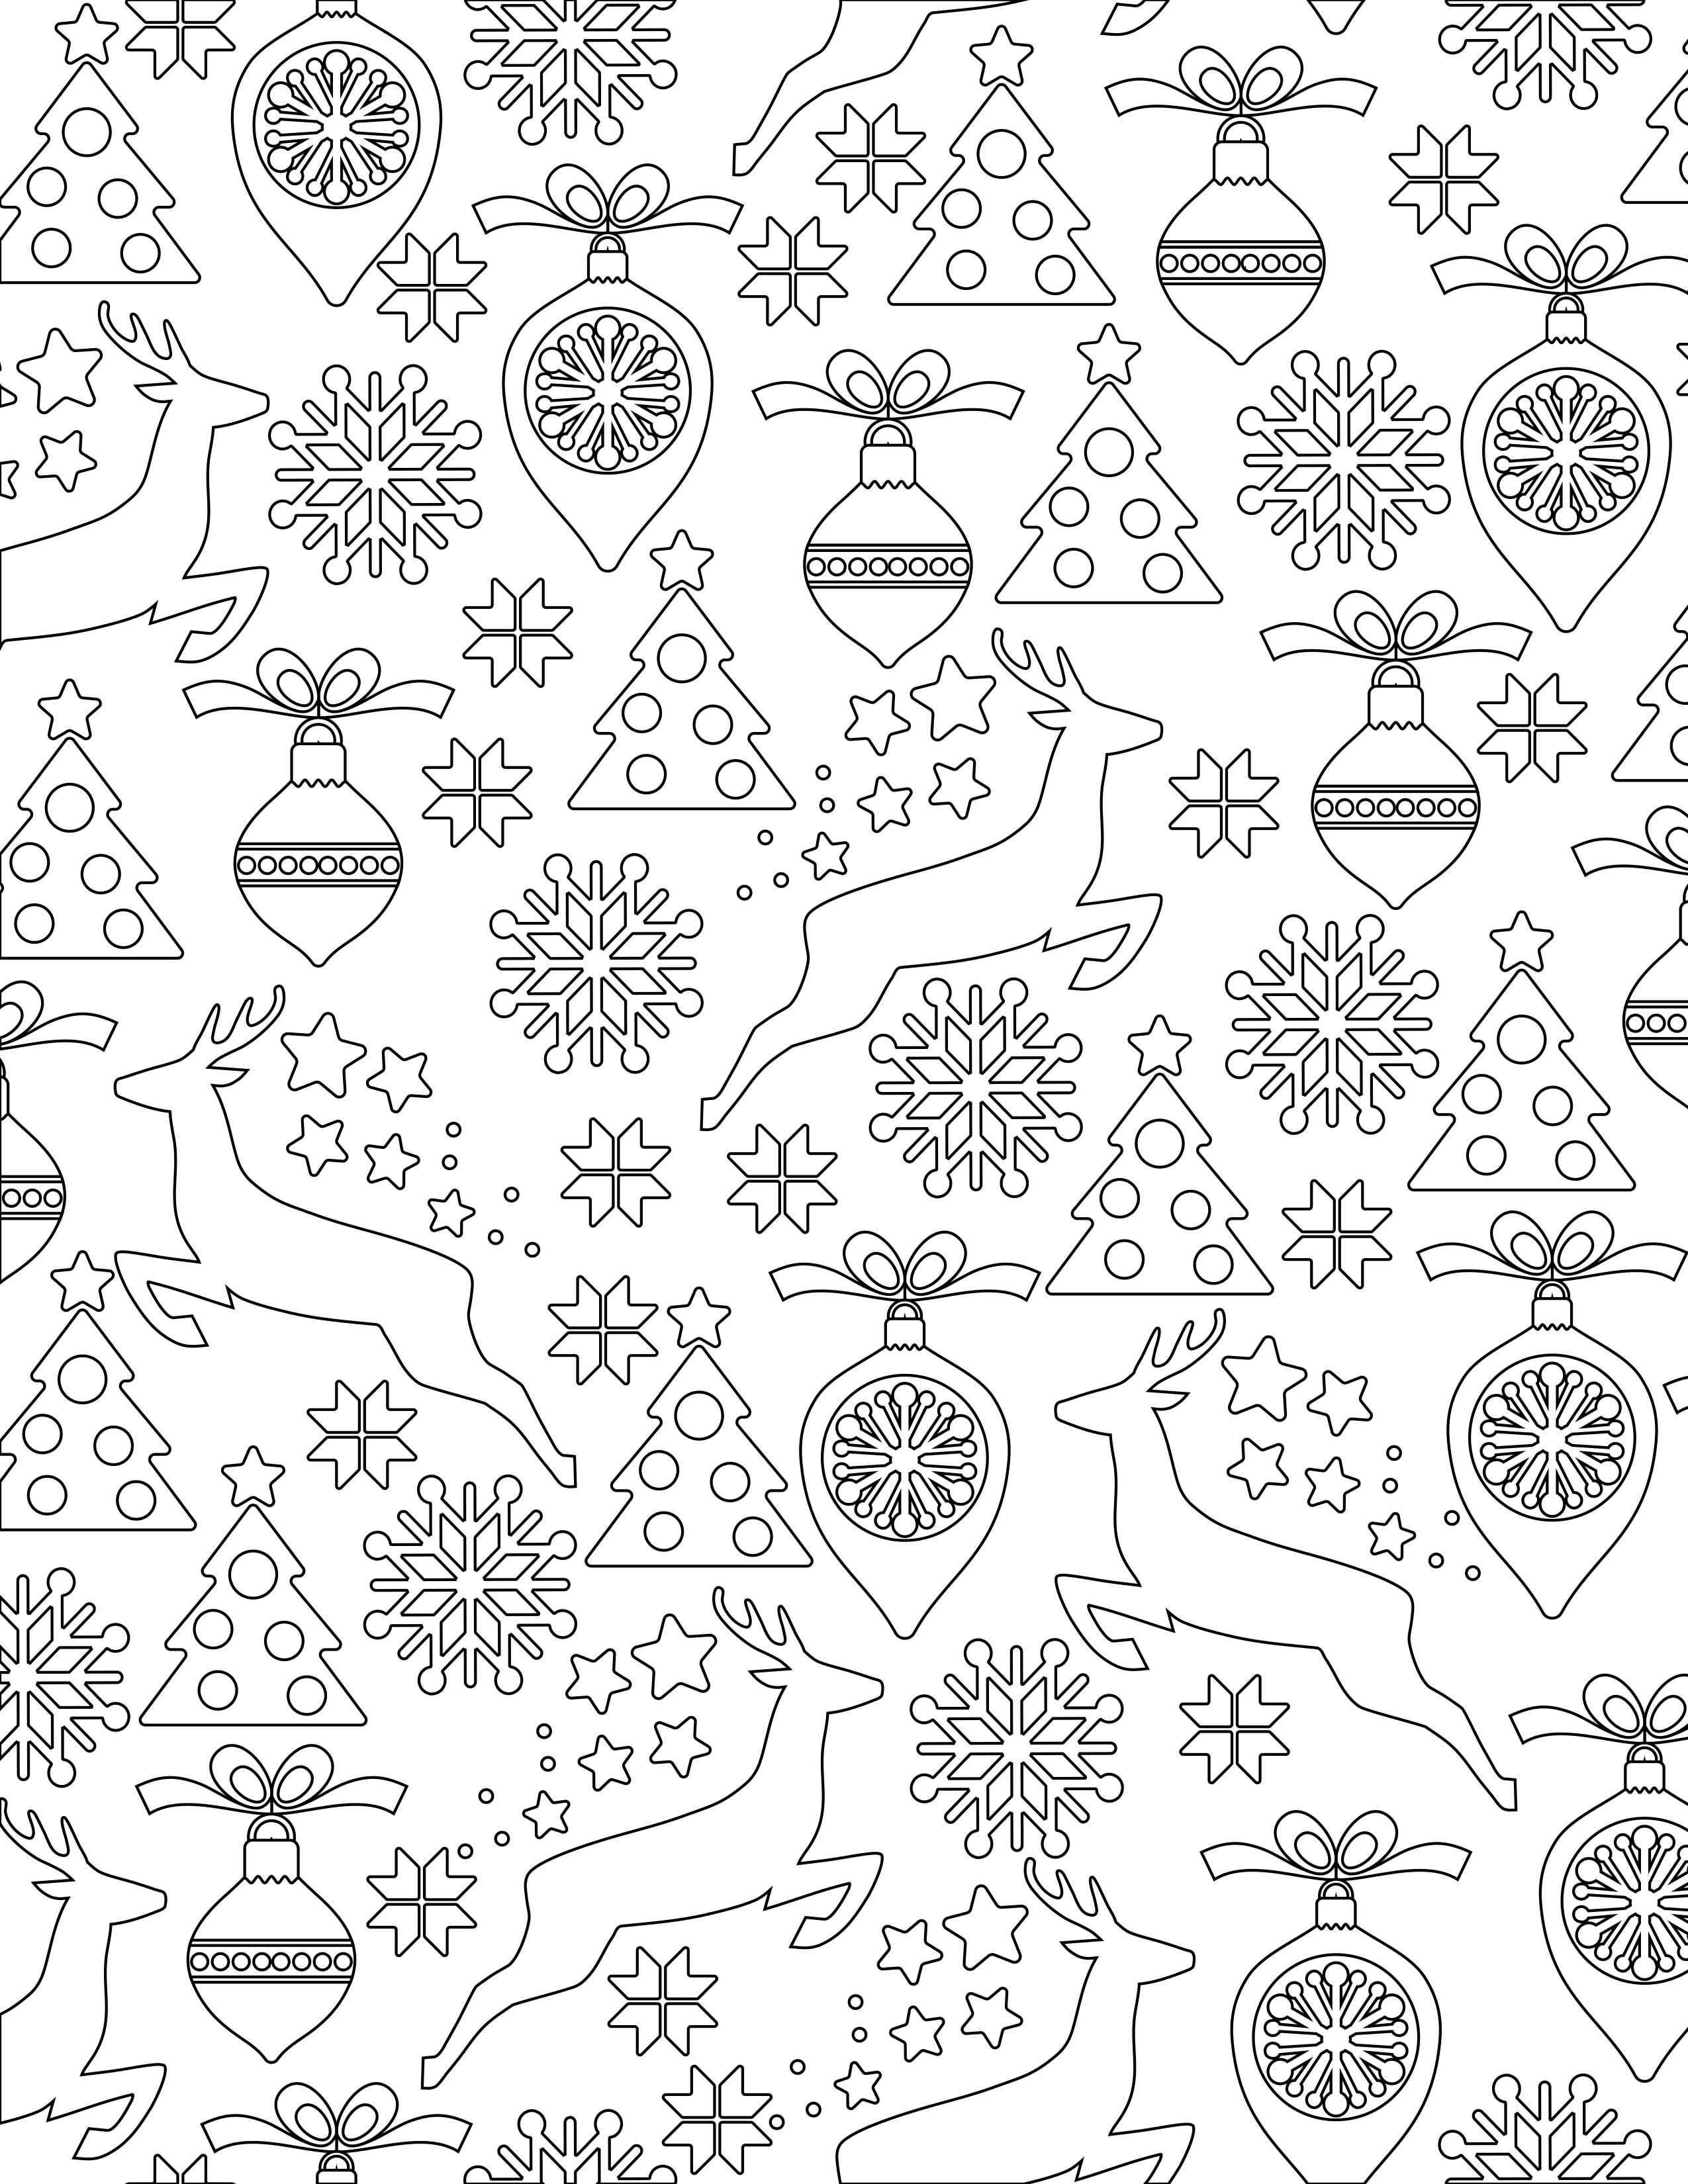 affordable dessin nol coloriage gratuit imprimer with coloriage boules de noel a imprimer